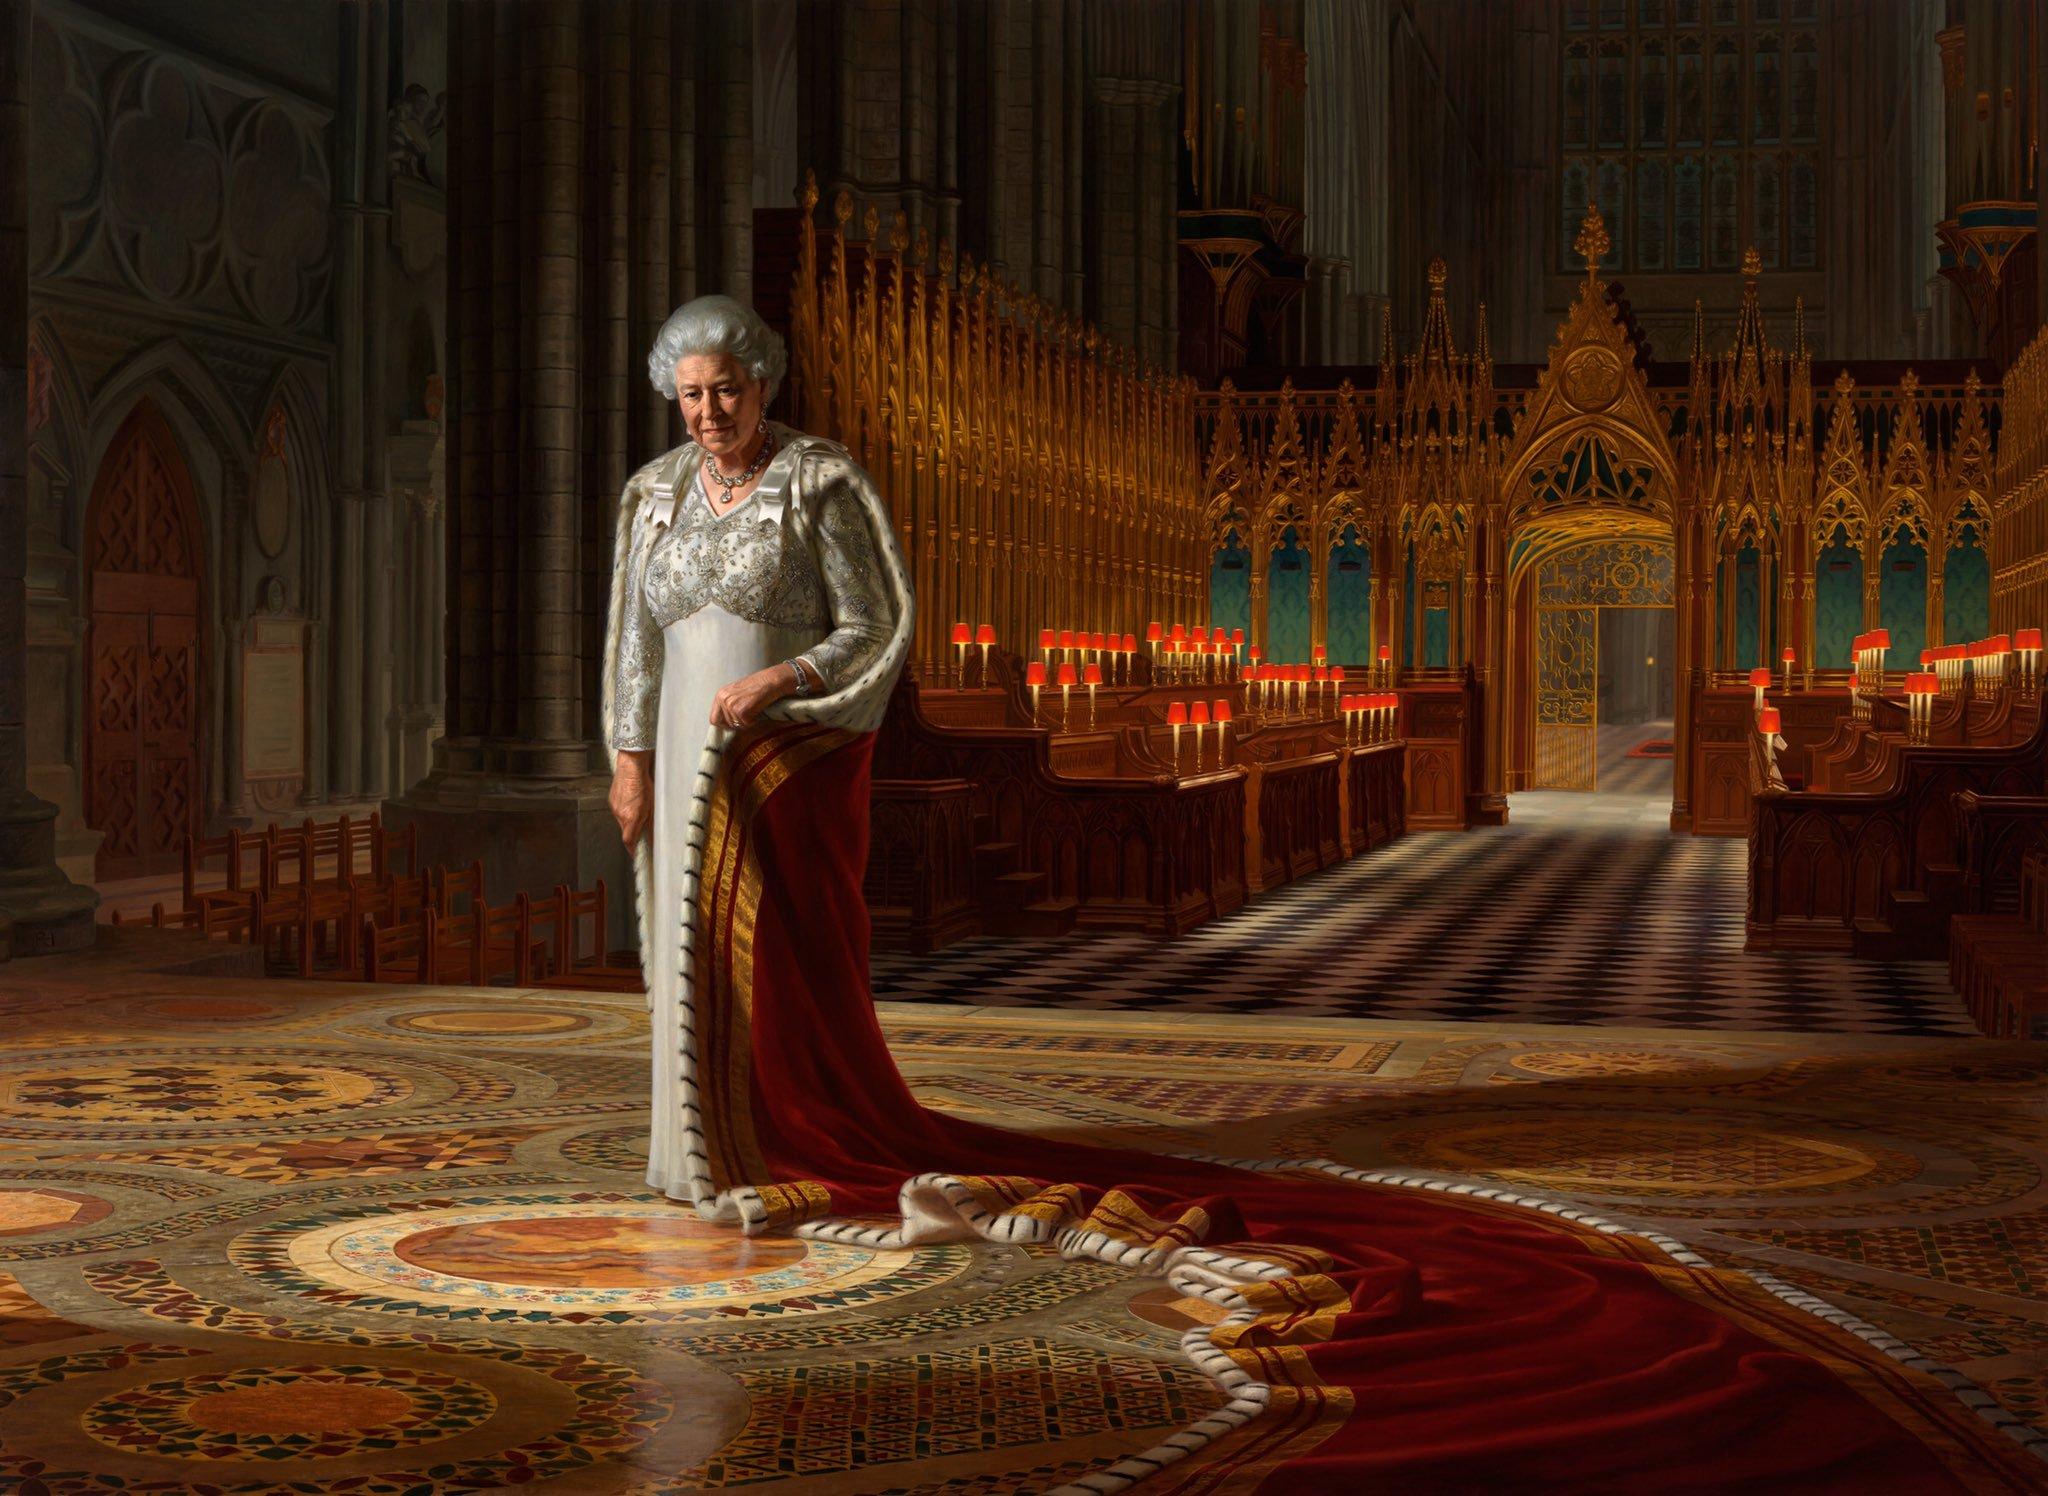 Um retrato de Sua Majestade a Rainha Elizabeth II, 2012, óleo sobre tela por Ralph Heiman